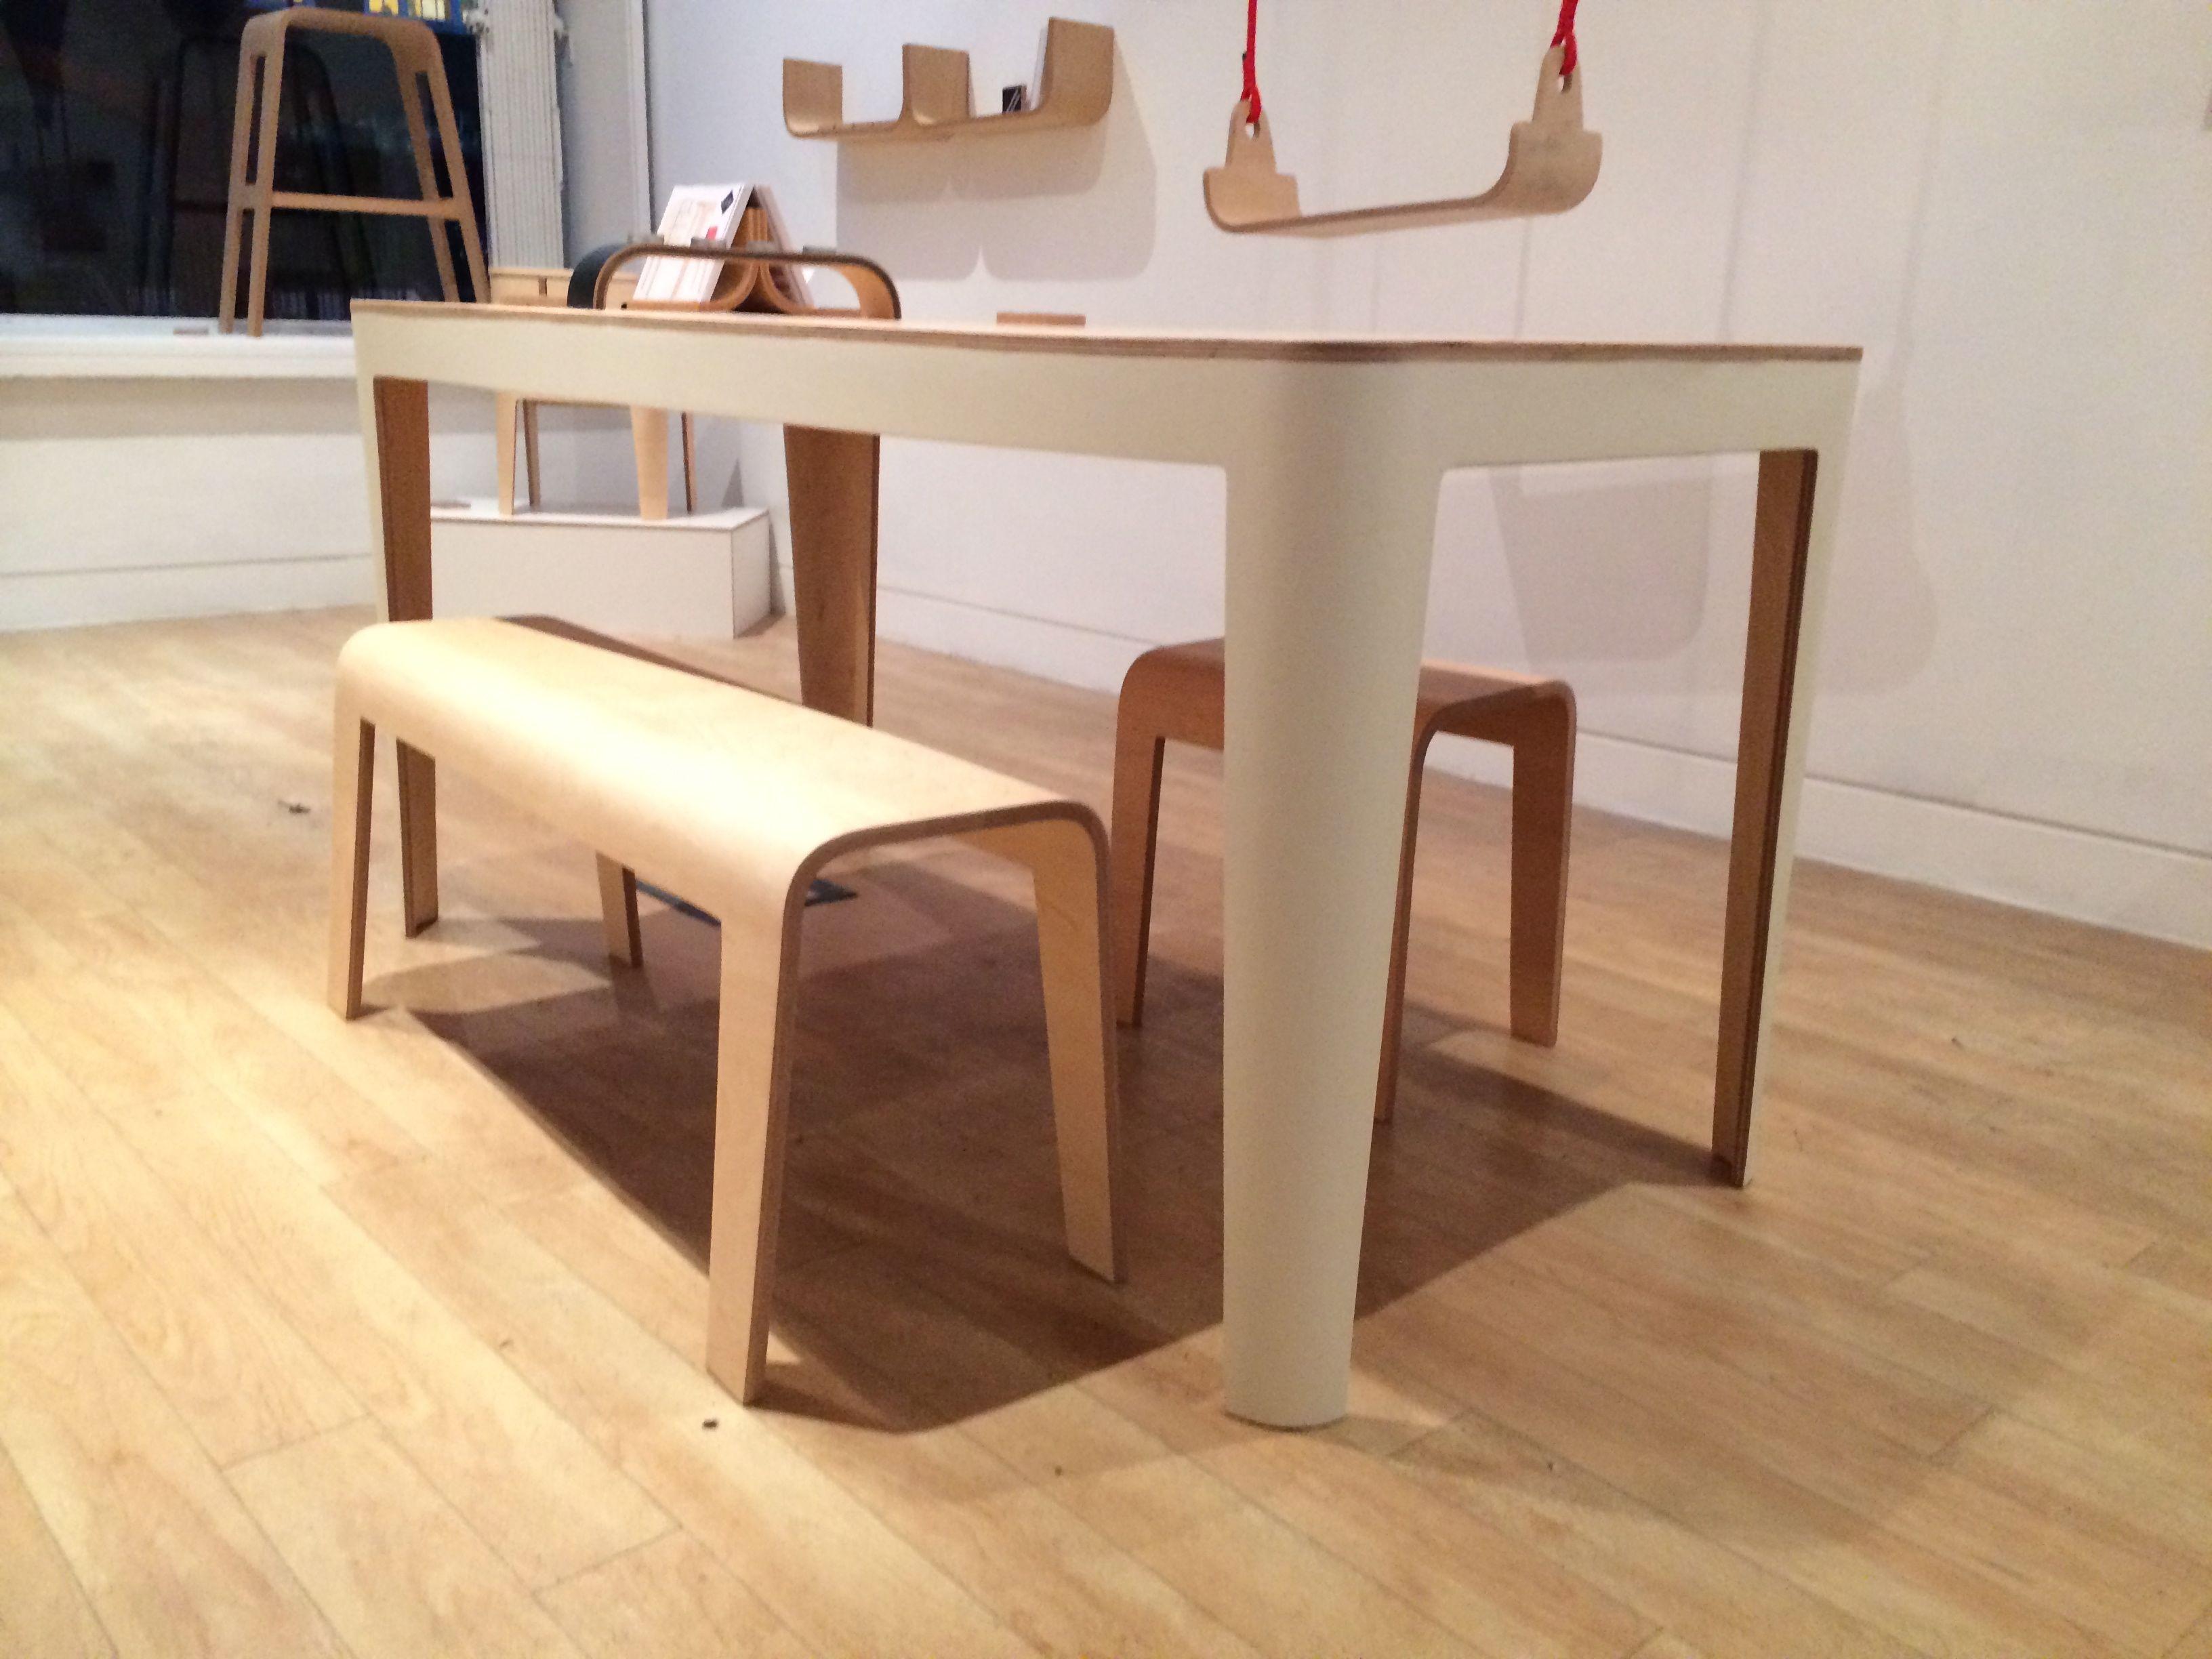 N 1 recuperada muebles de madera de teca del reino unido - Muebles madera teca ...